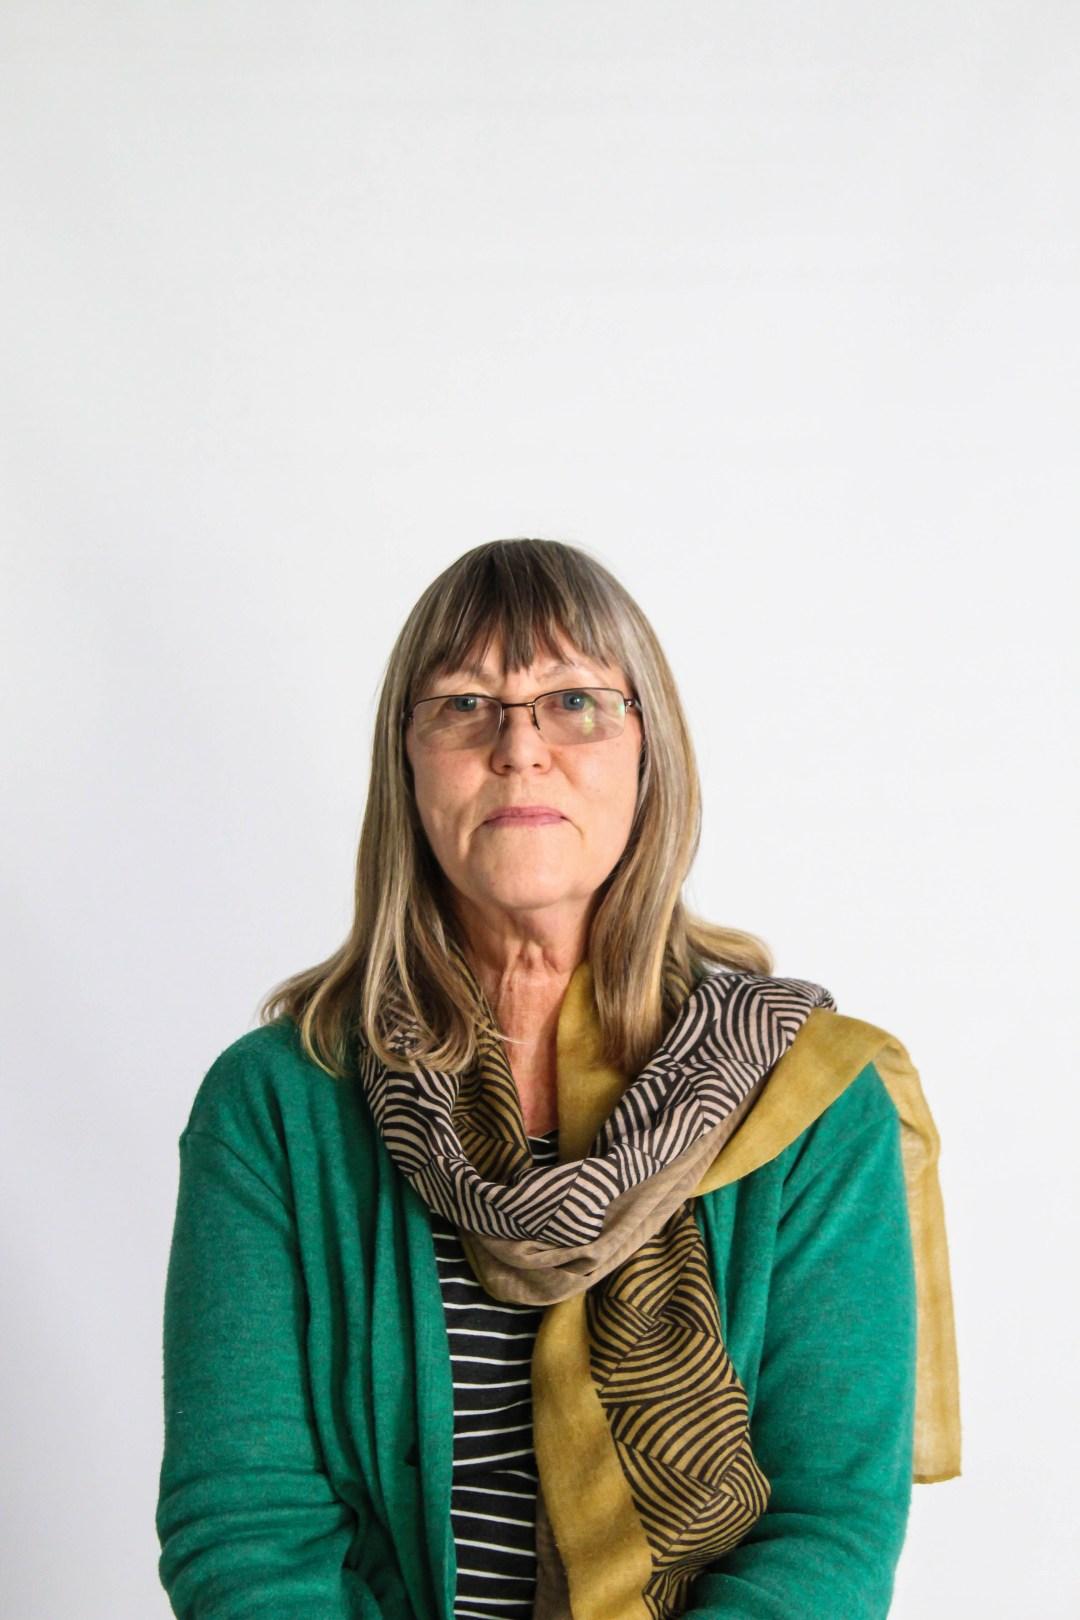 Wendy van Wyk